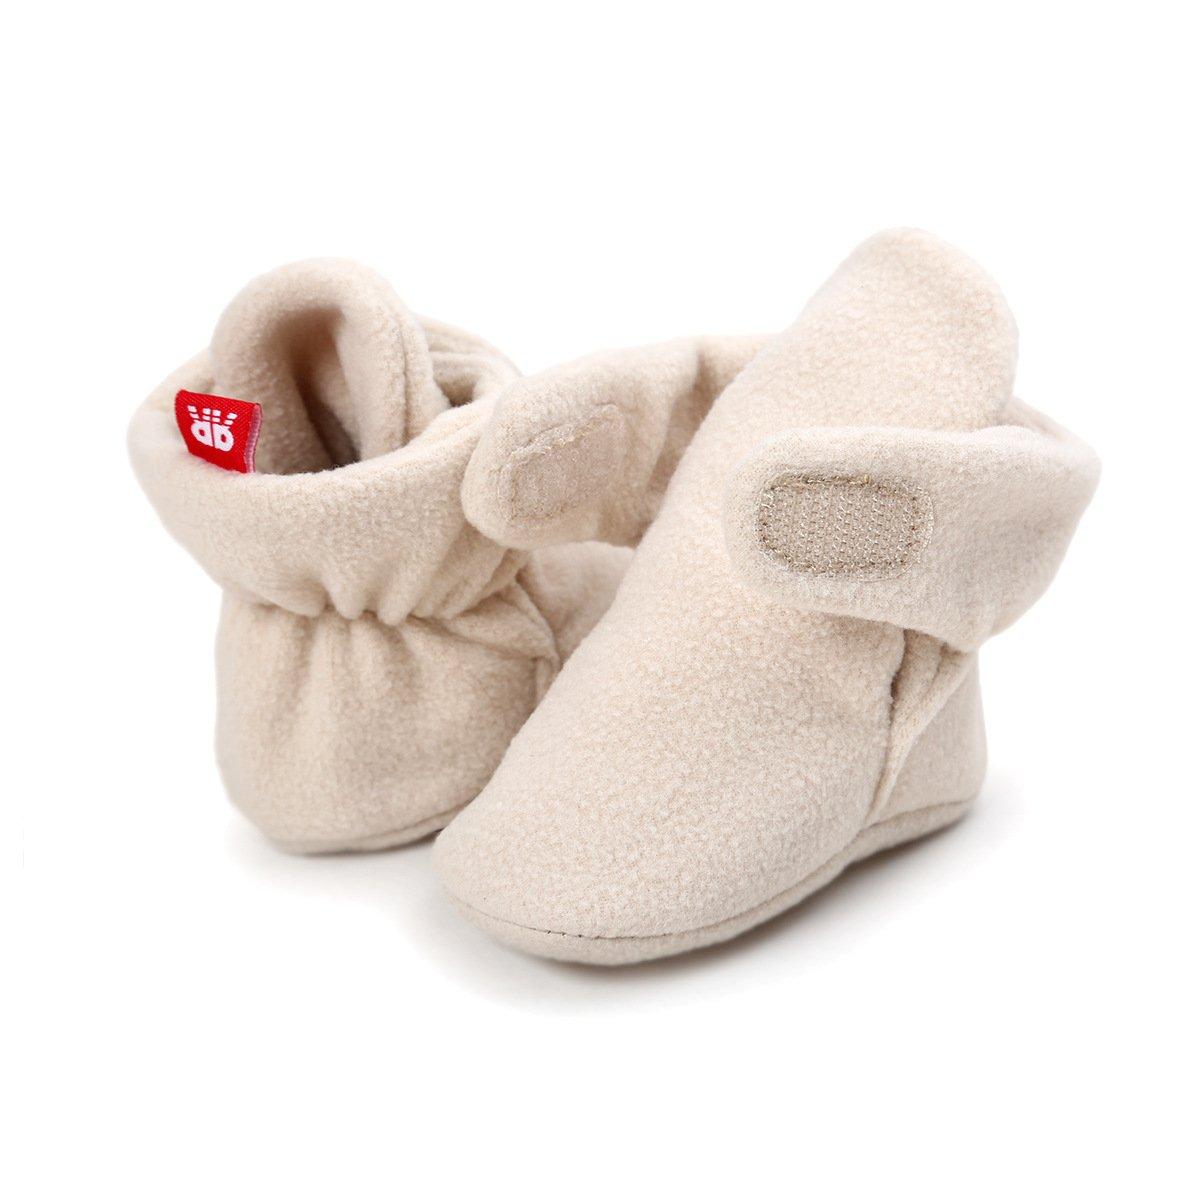 Adorel Bottines Antid/érapant Chaussures dhiver B/éb/é